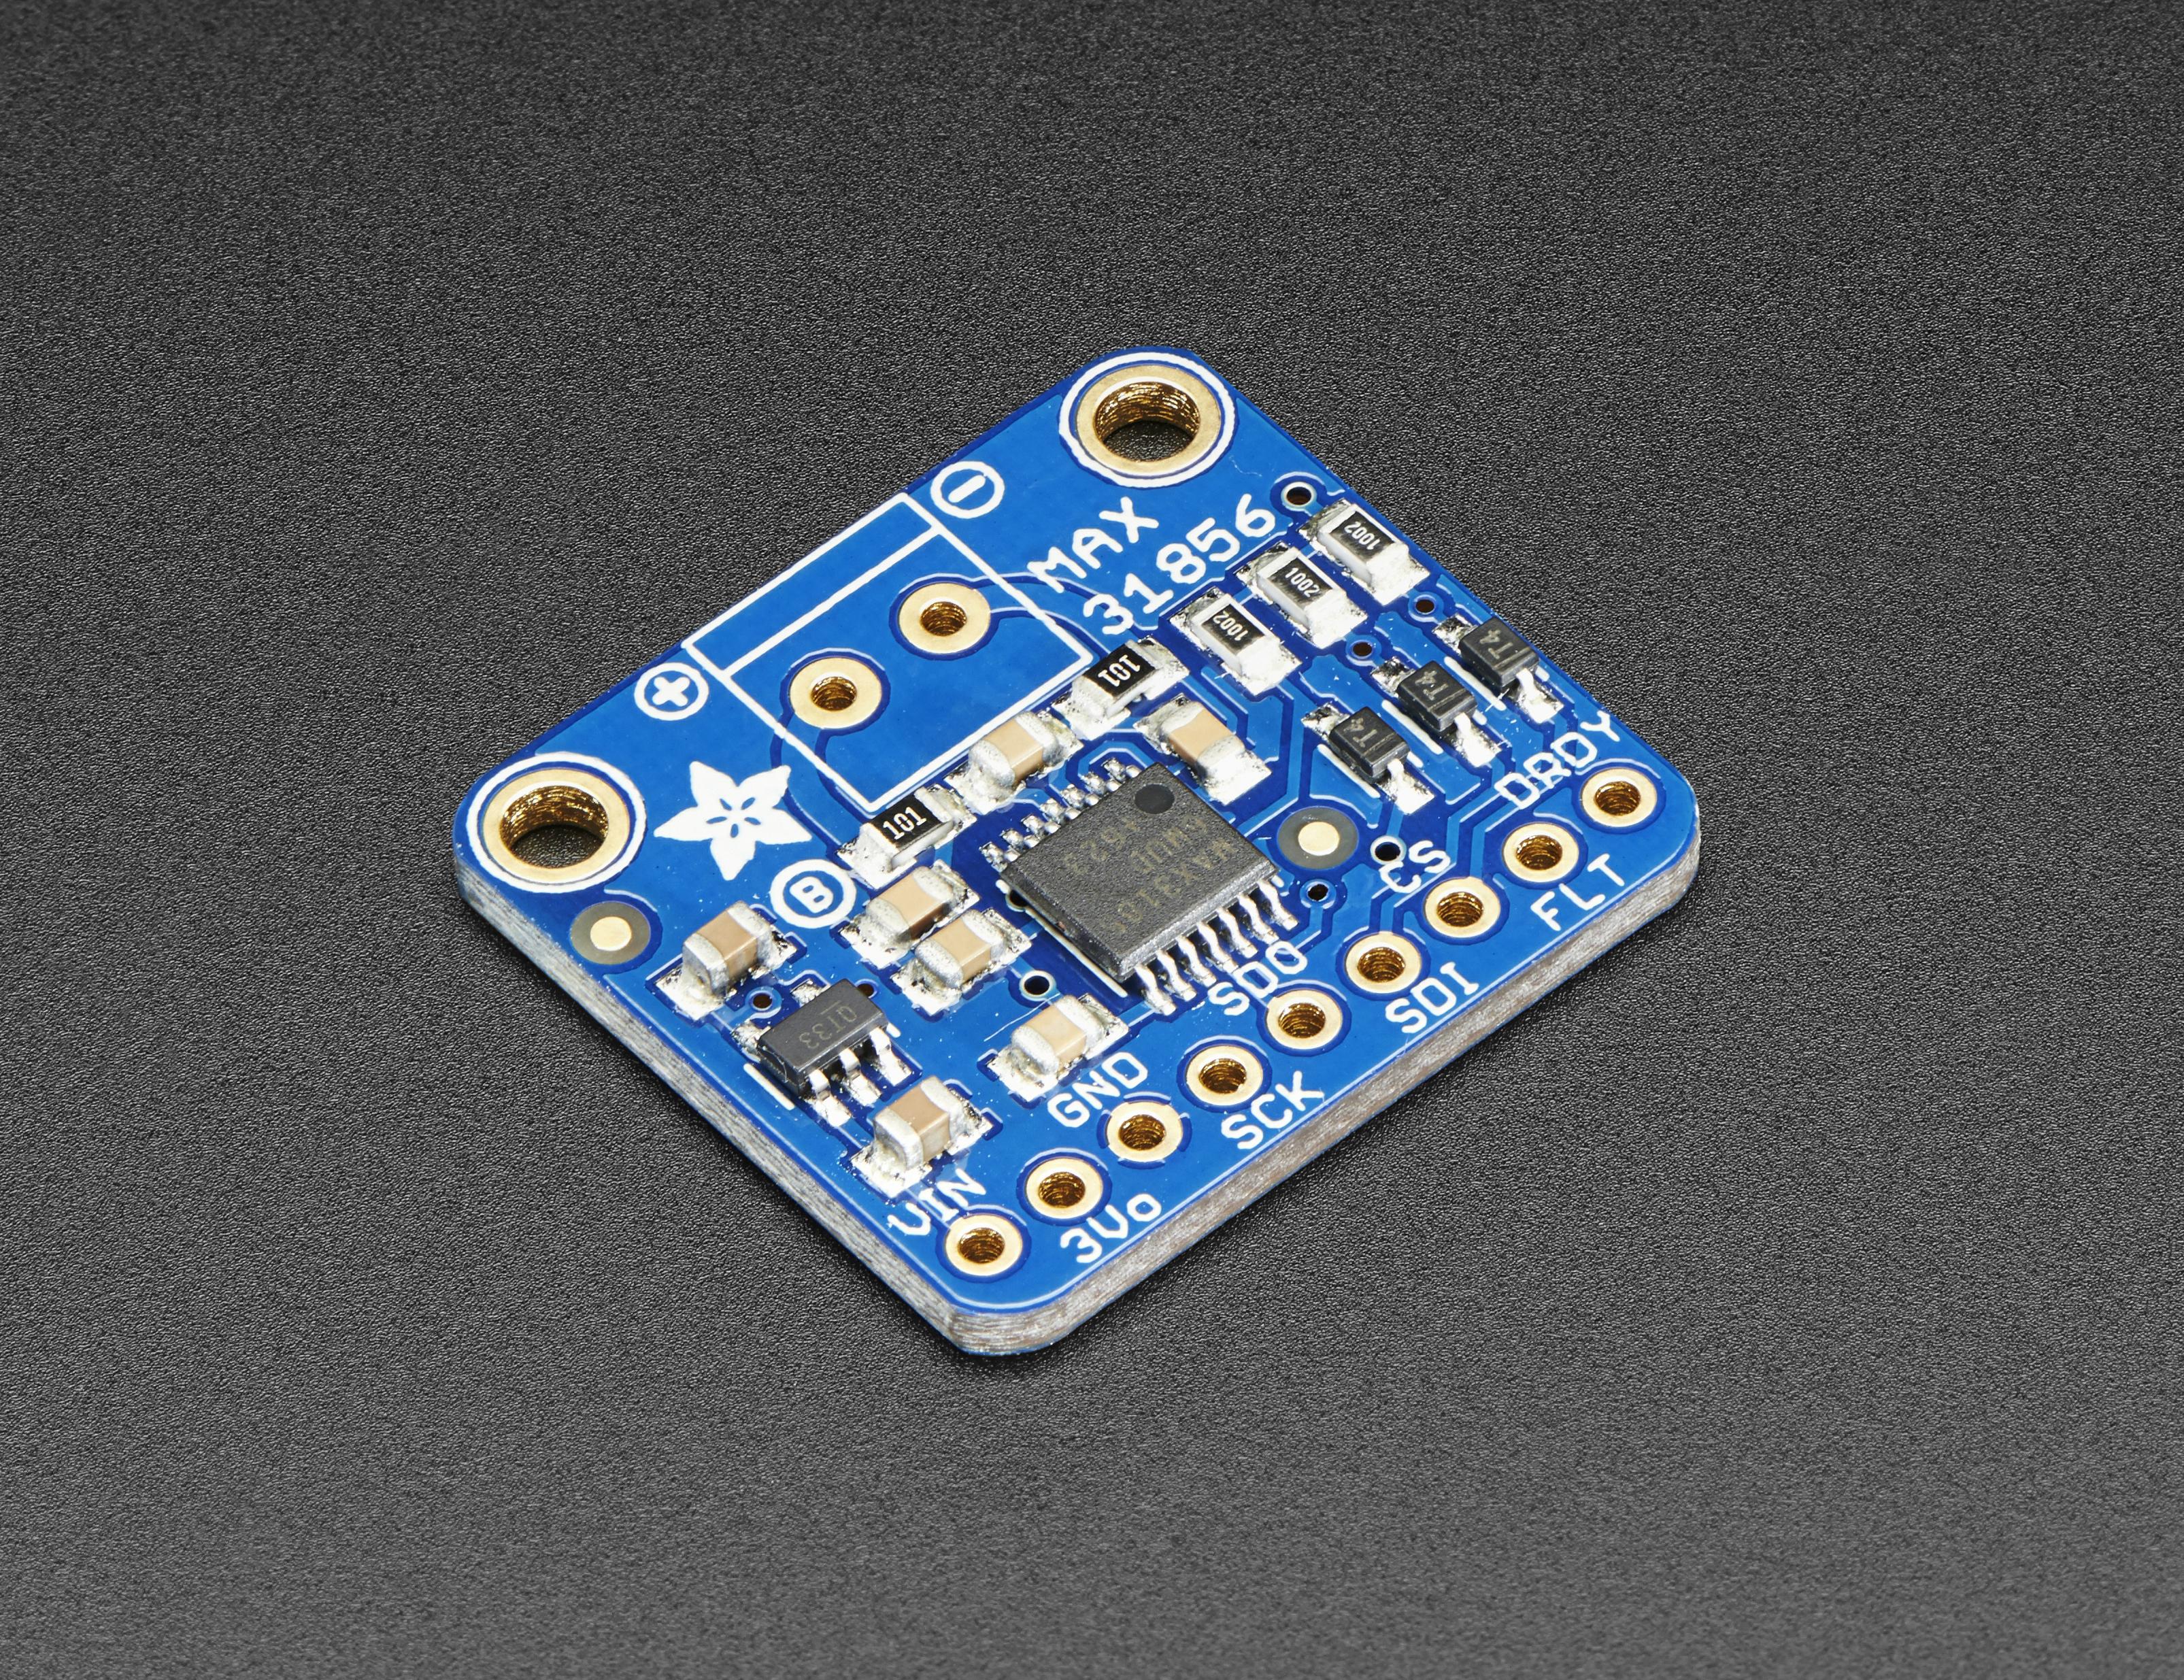 sensors_3263_iso_ORIG.jpg